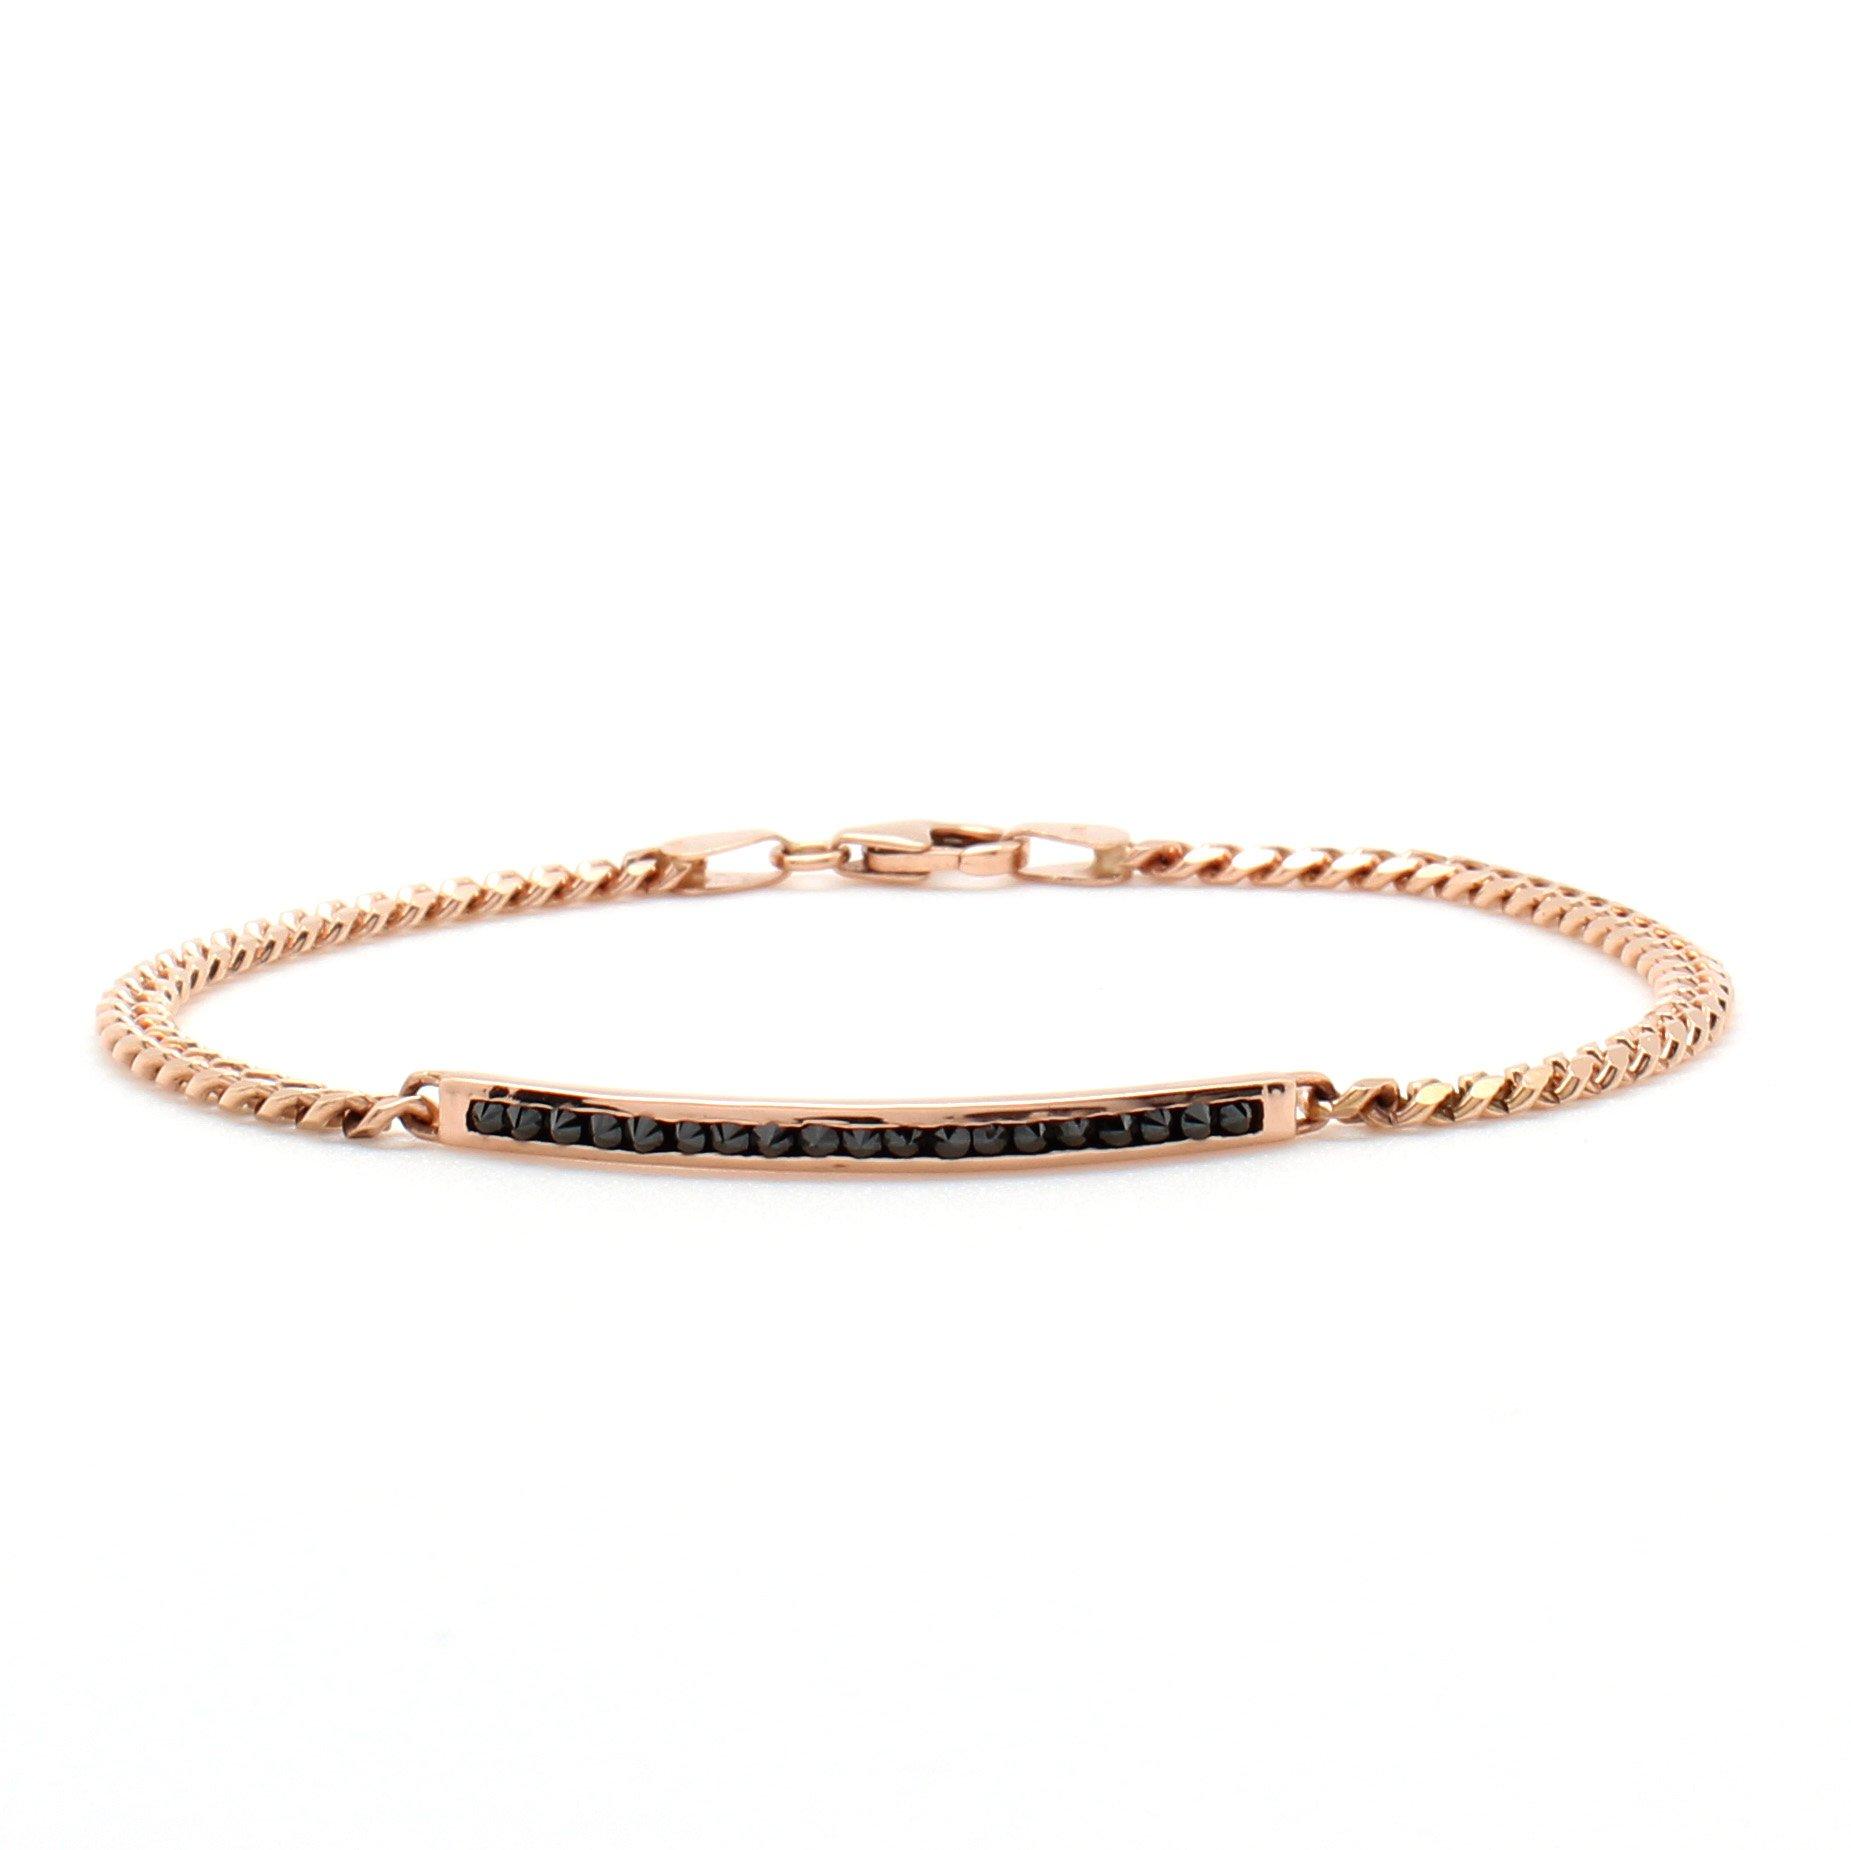 Inverted Diamond Id Bracelet